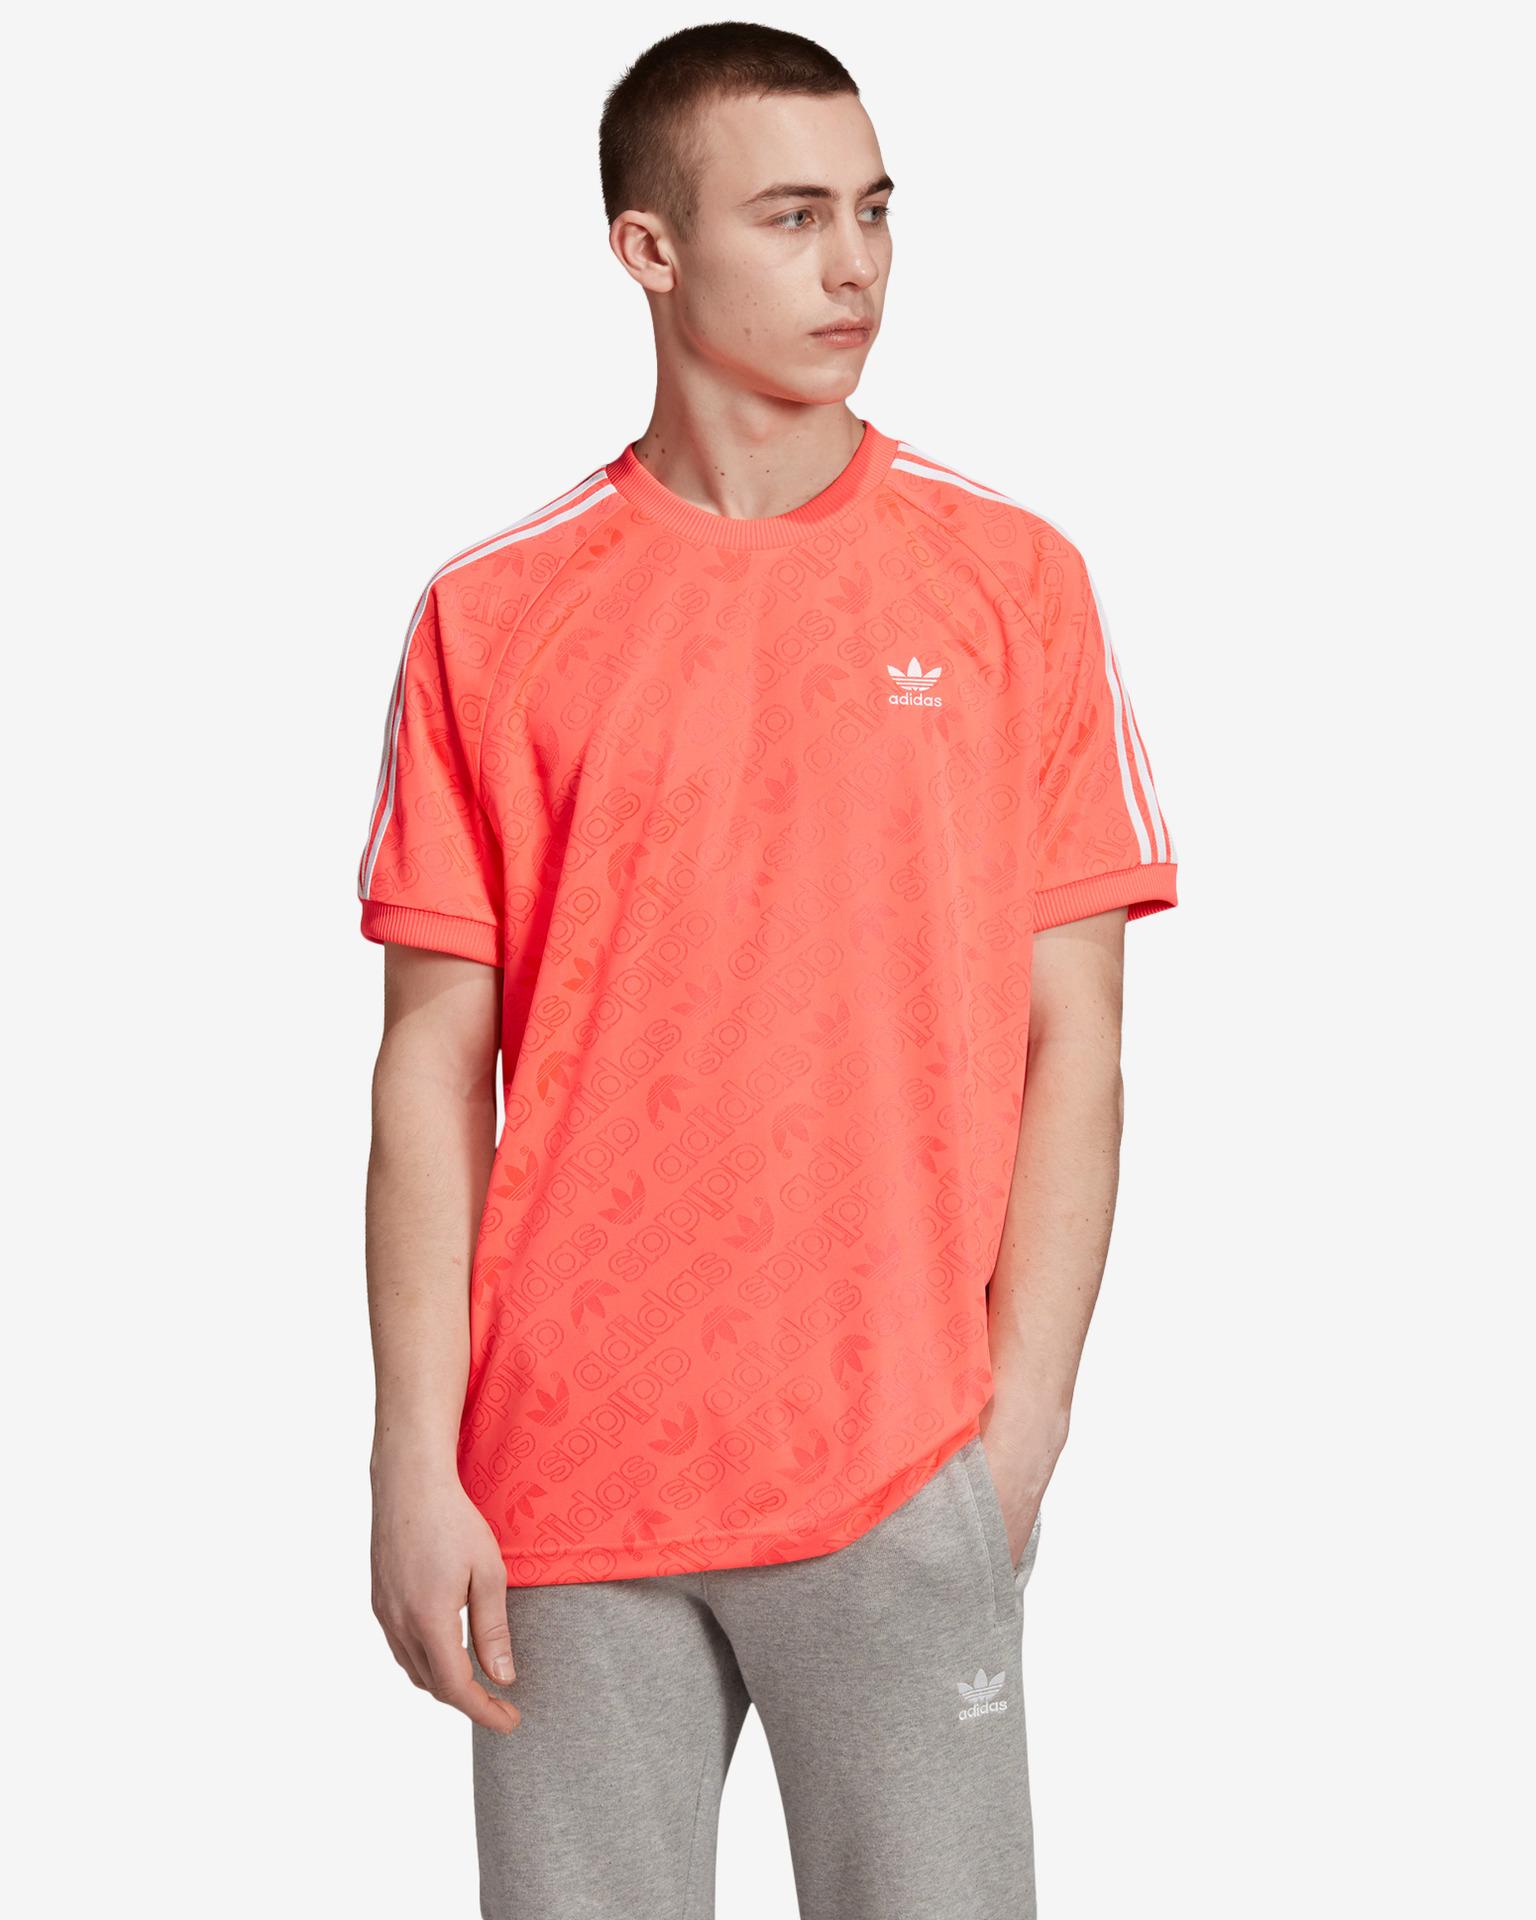 adidas Originals - Monogram T-shirt Bibloo.com